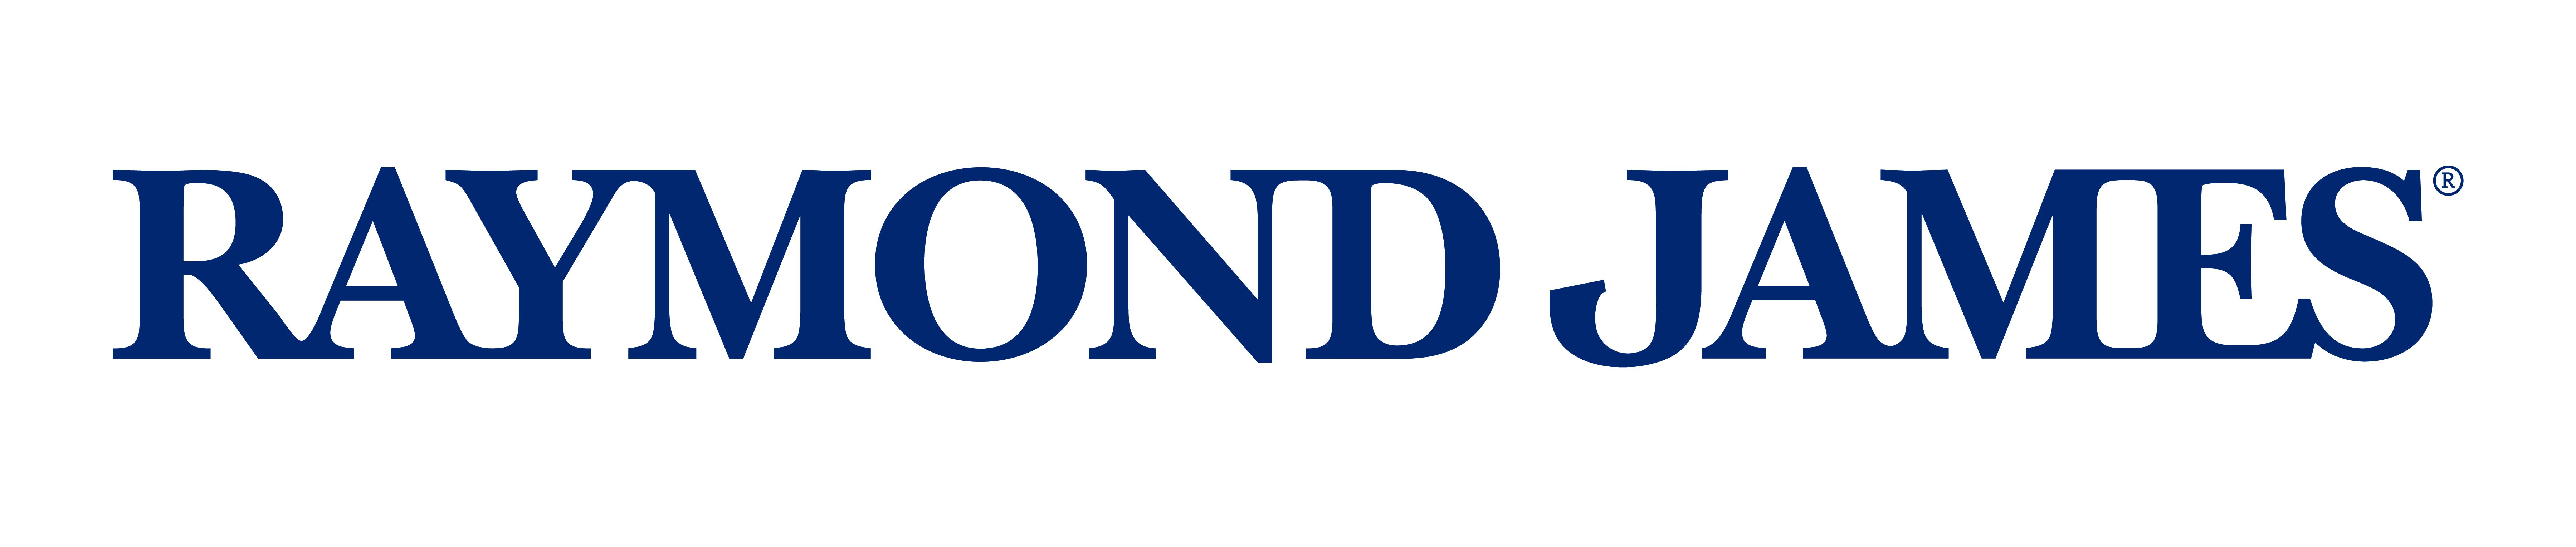 large - Blue logo with white background